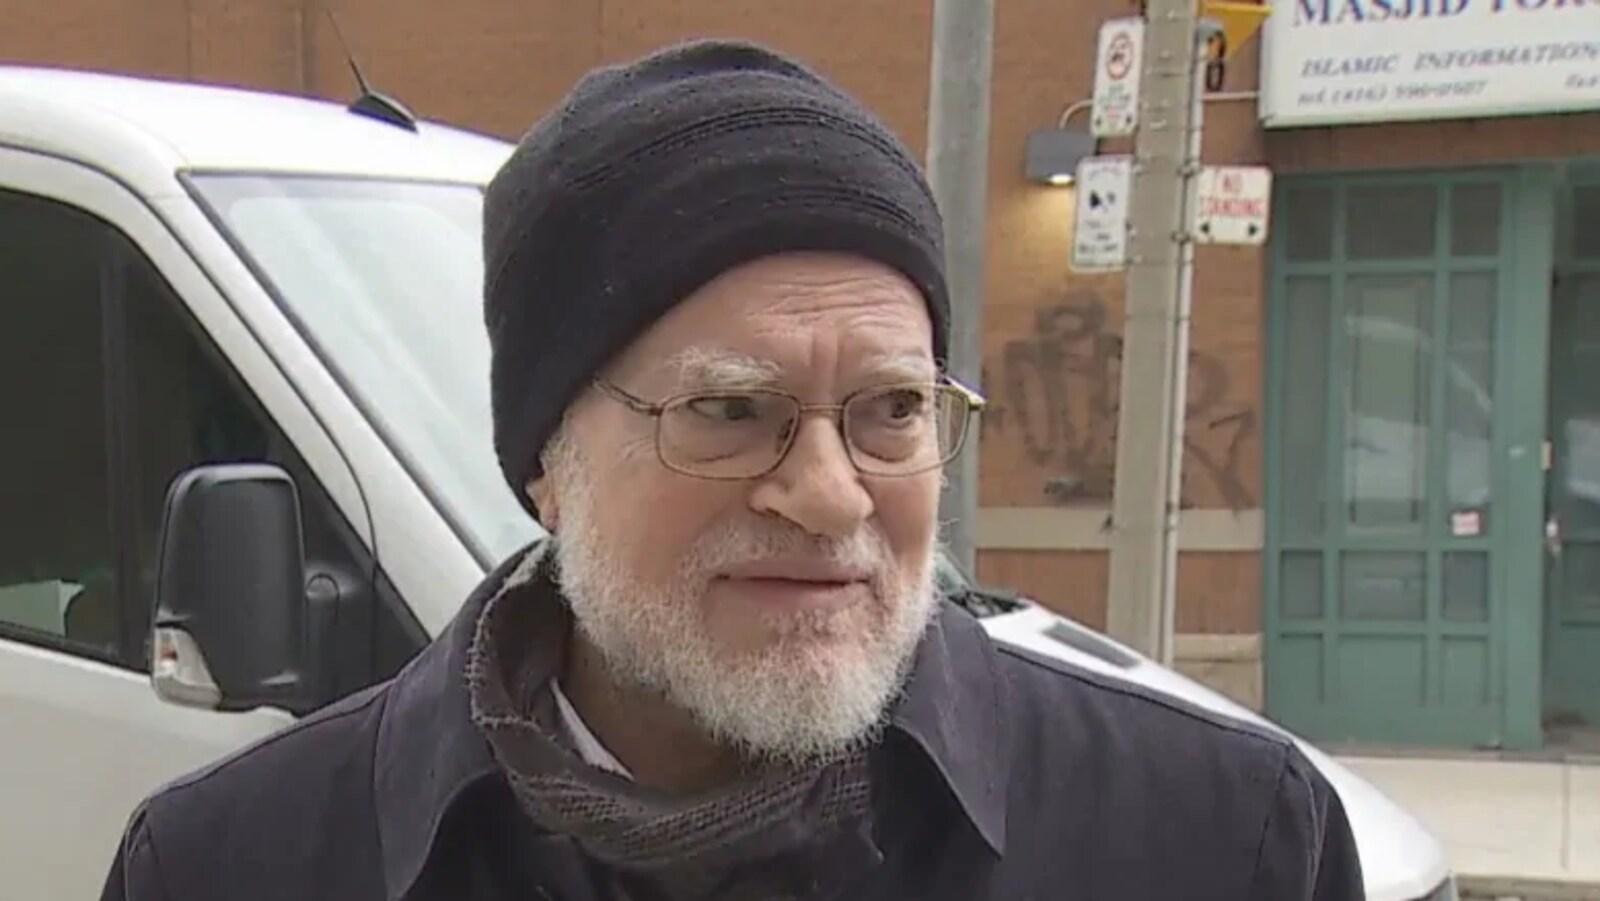 Le Dr El Tantawy Attia répond aux questions des journalistes, il a une barbe blanche, des lunettes de vue et porte une tuque.